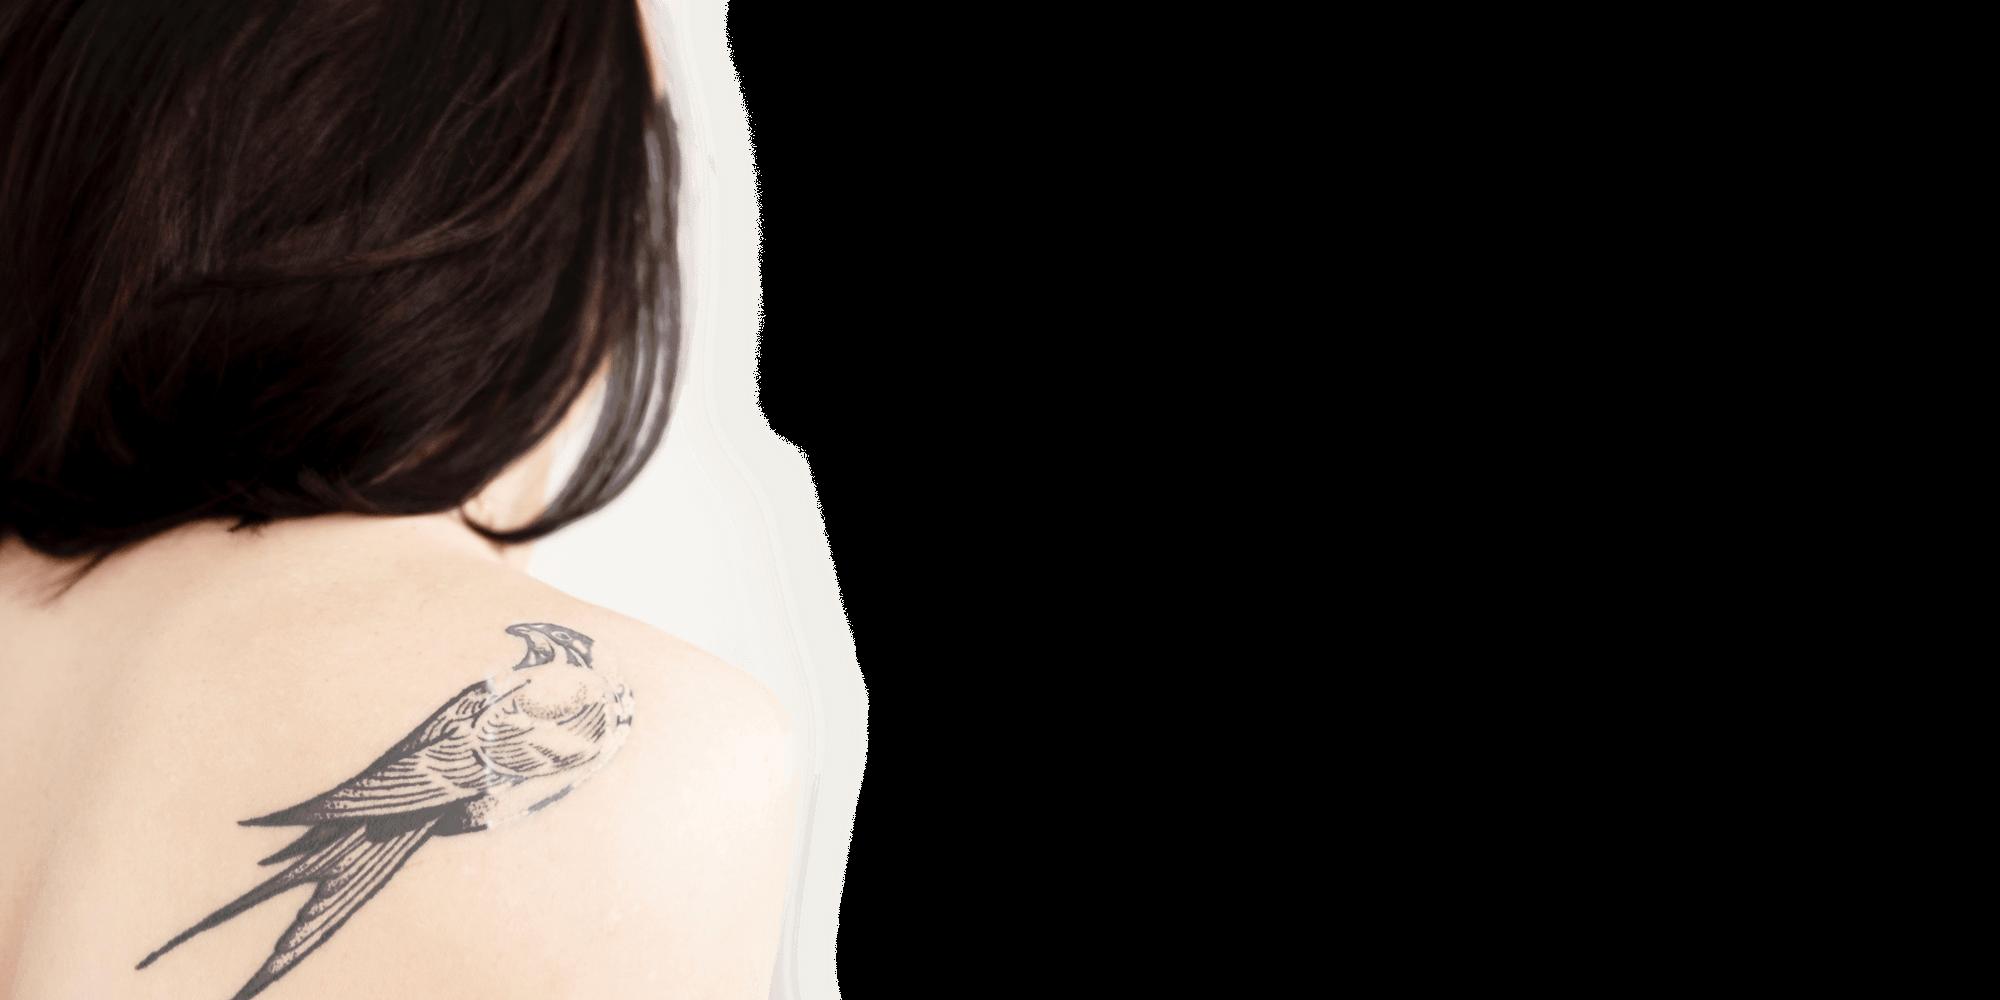 glutapeel-tatoo-removal